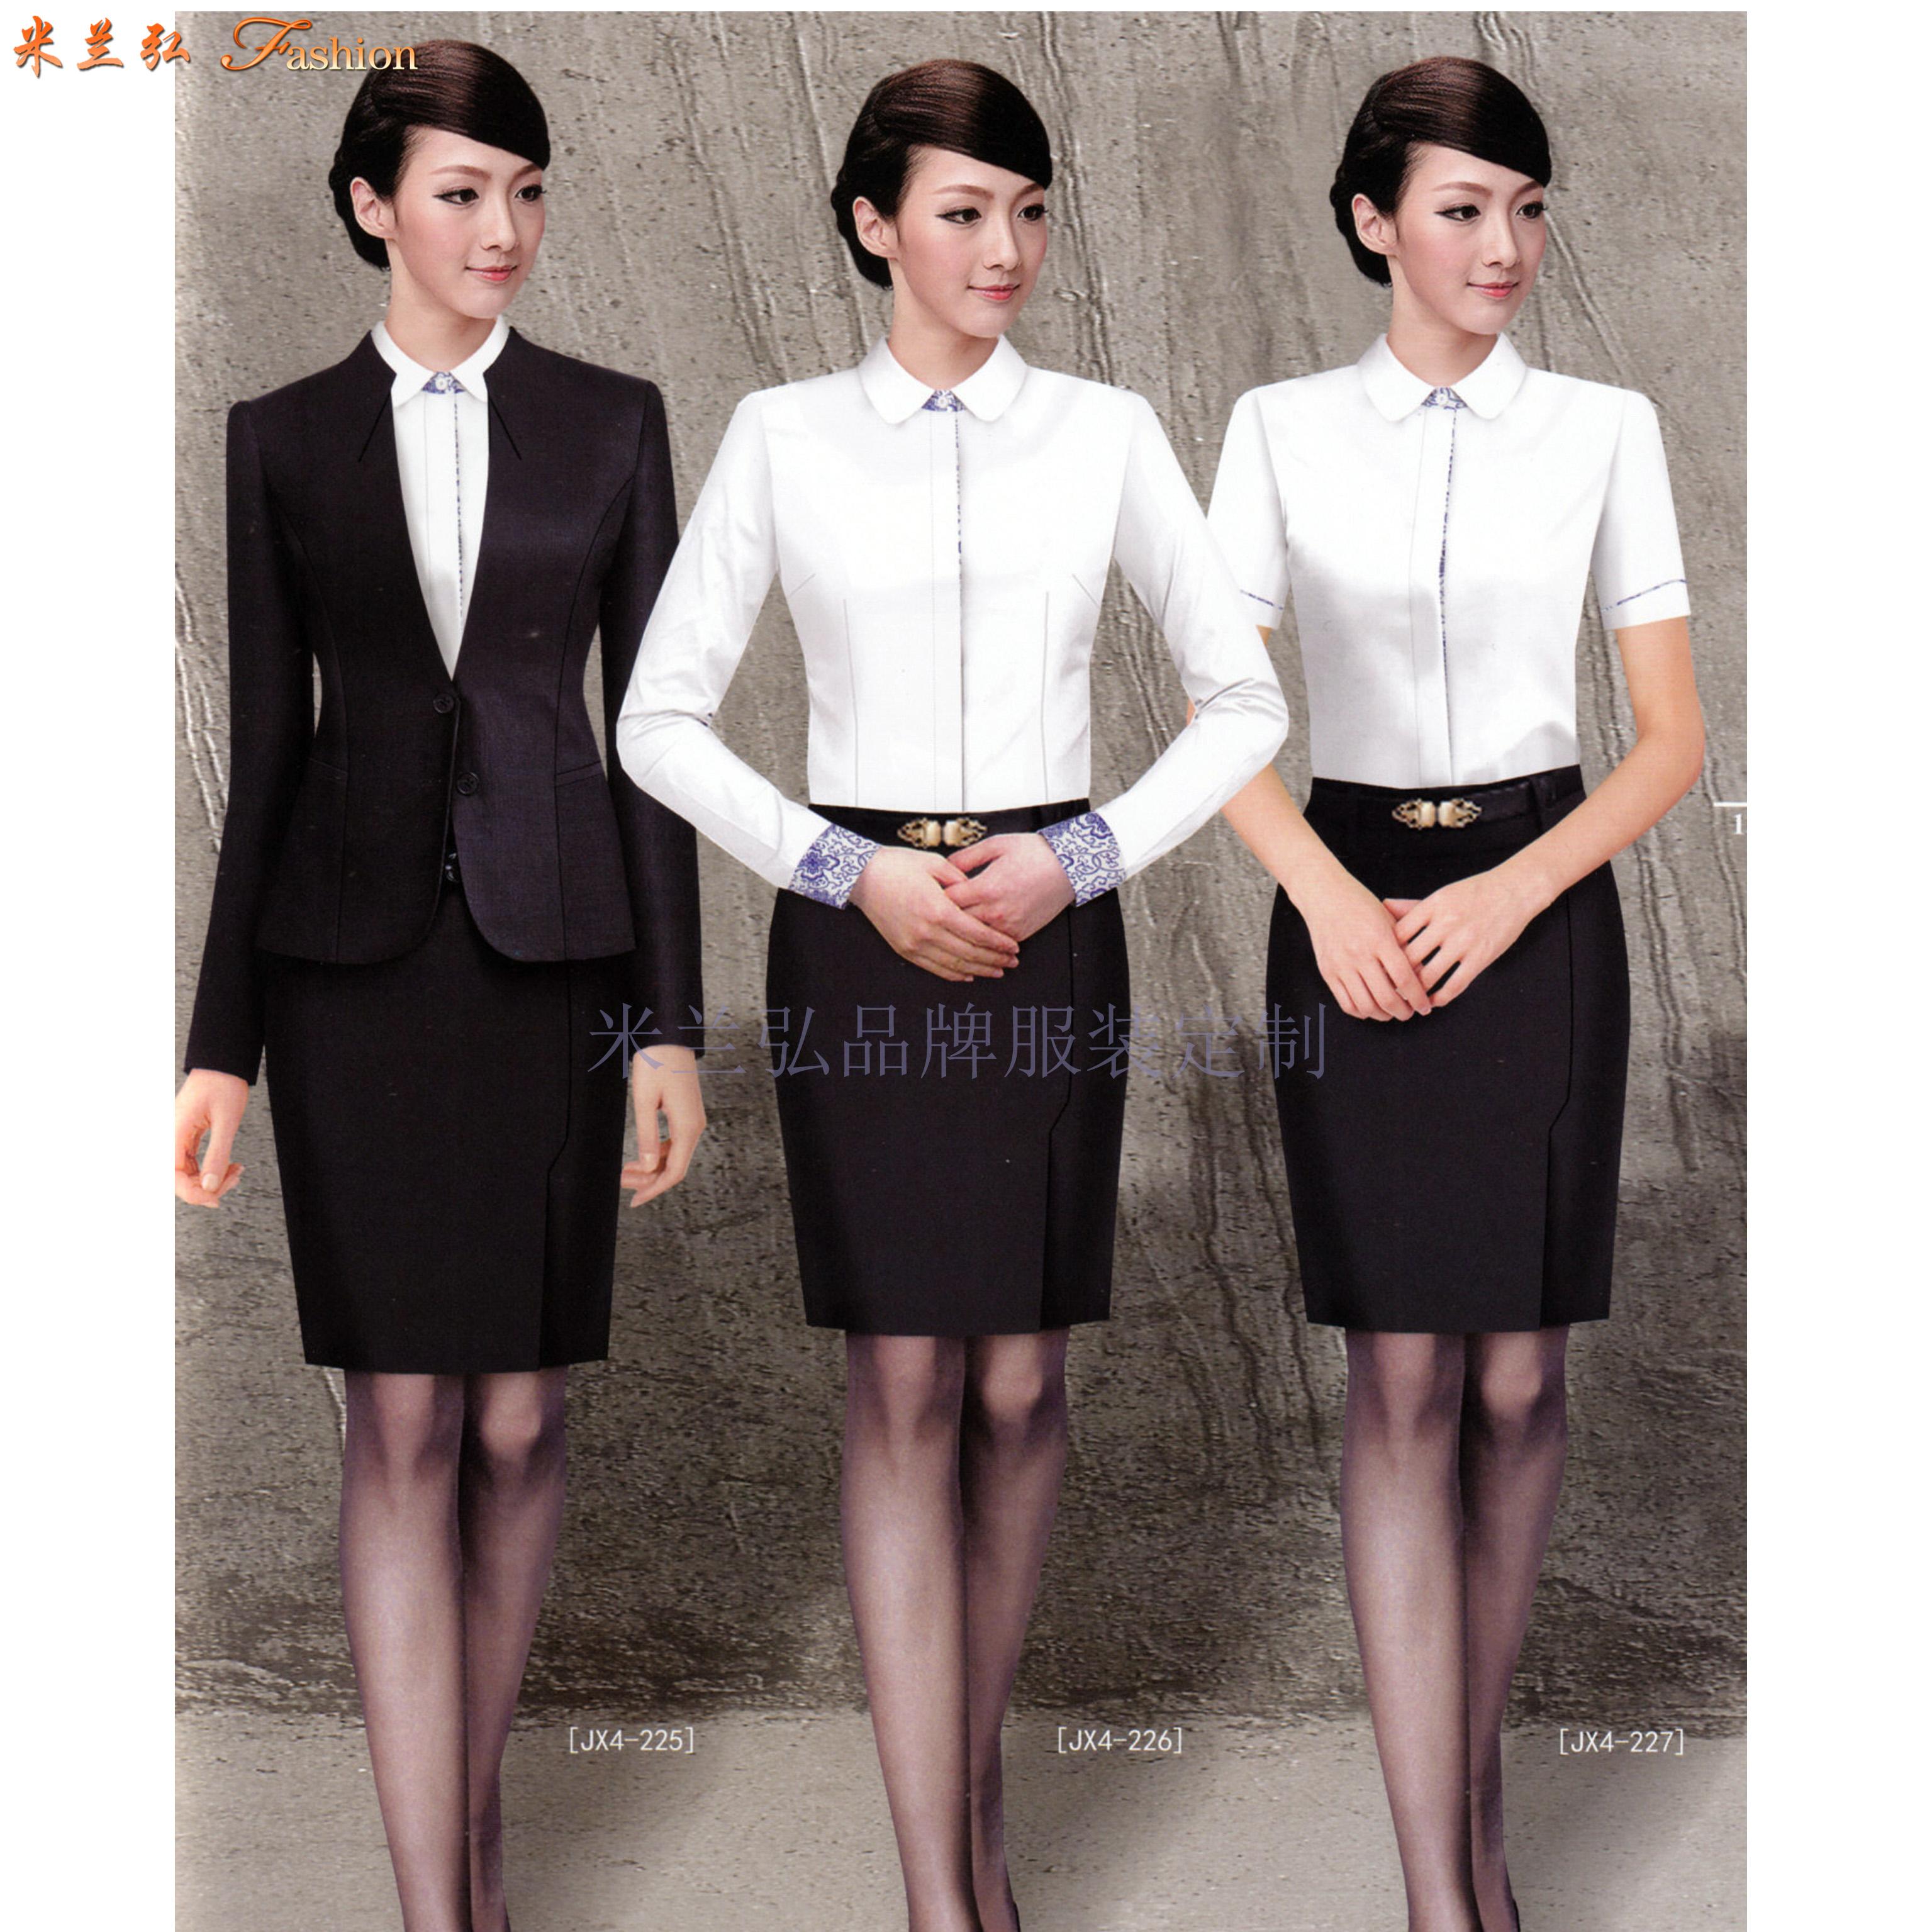 西服定做就選米蘭弘服裝訂制-符合于您氣質的西裝定制品牌-2